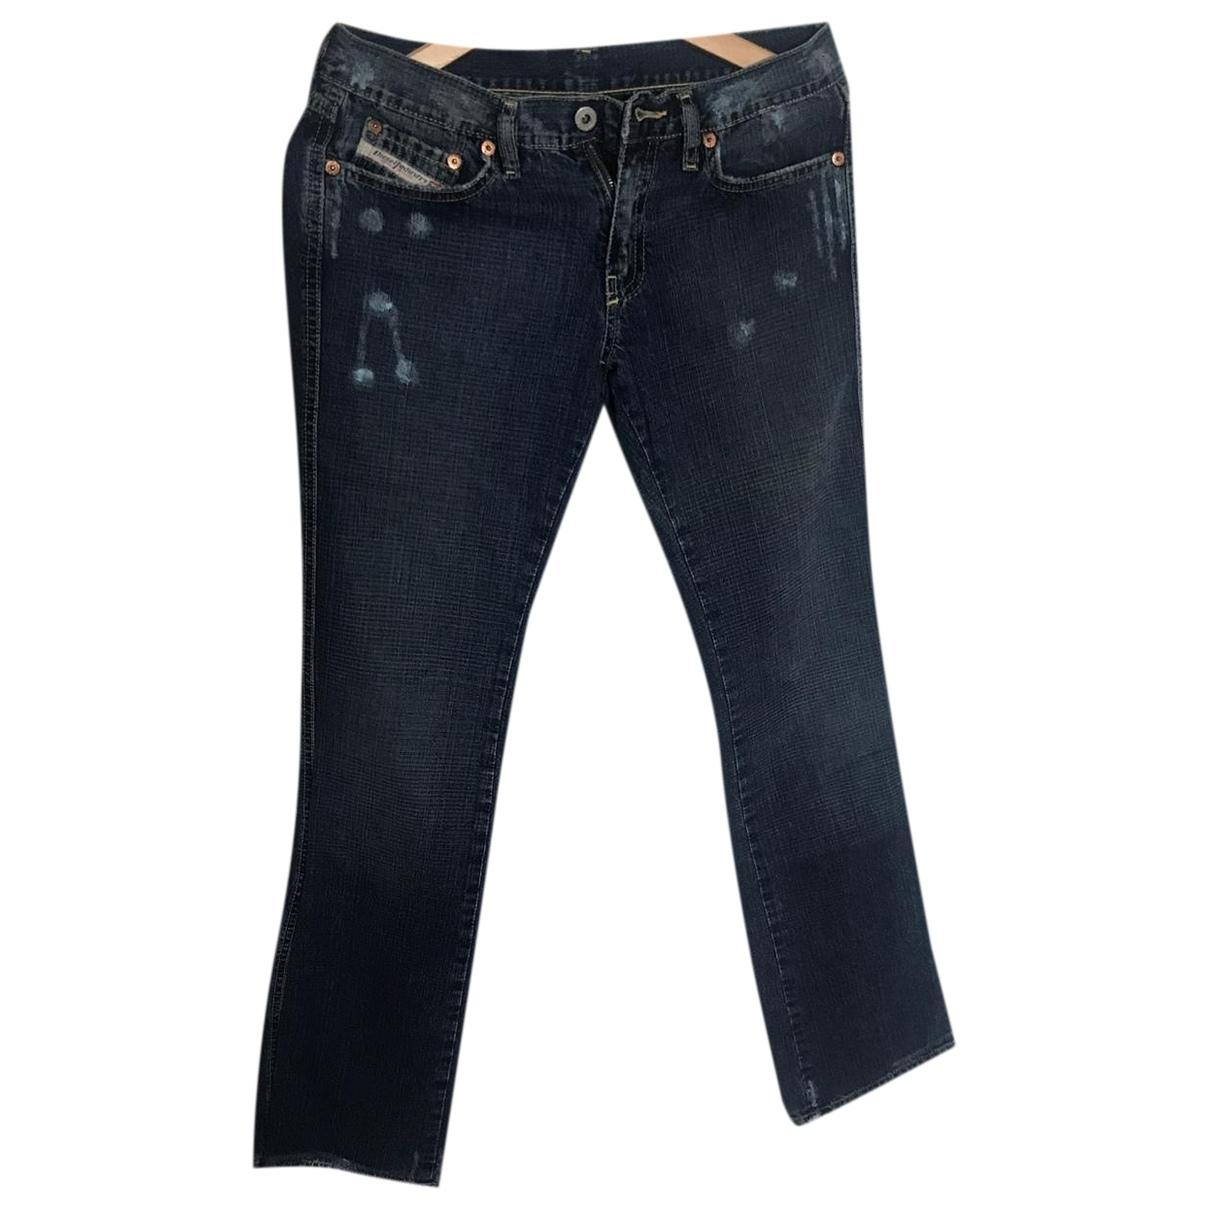 Diesel - Jean   pour femme en denim - bleu